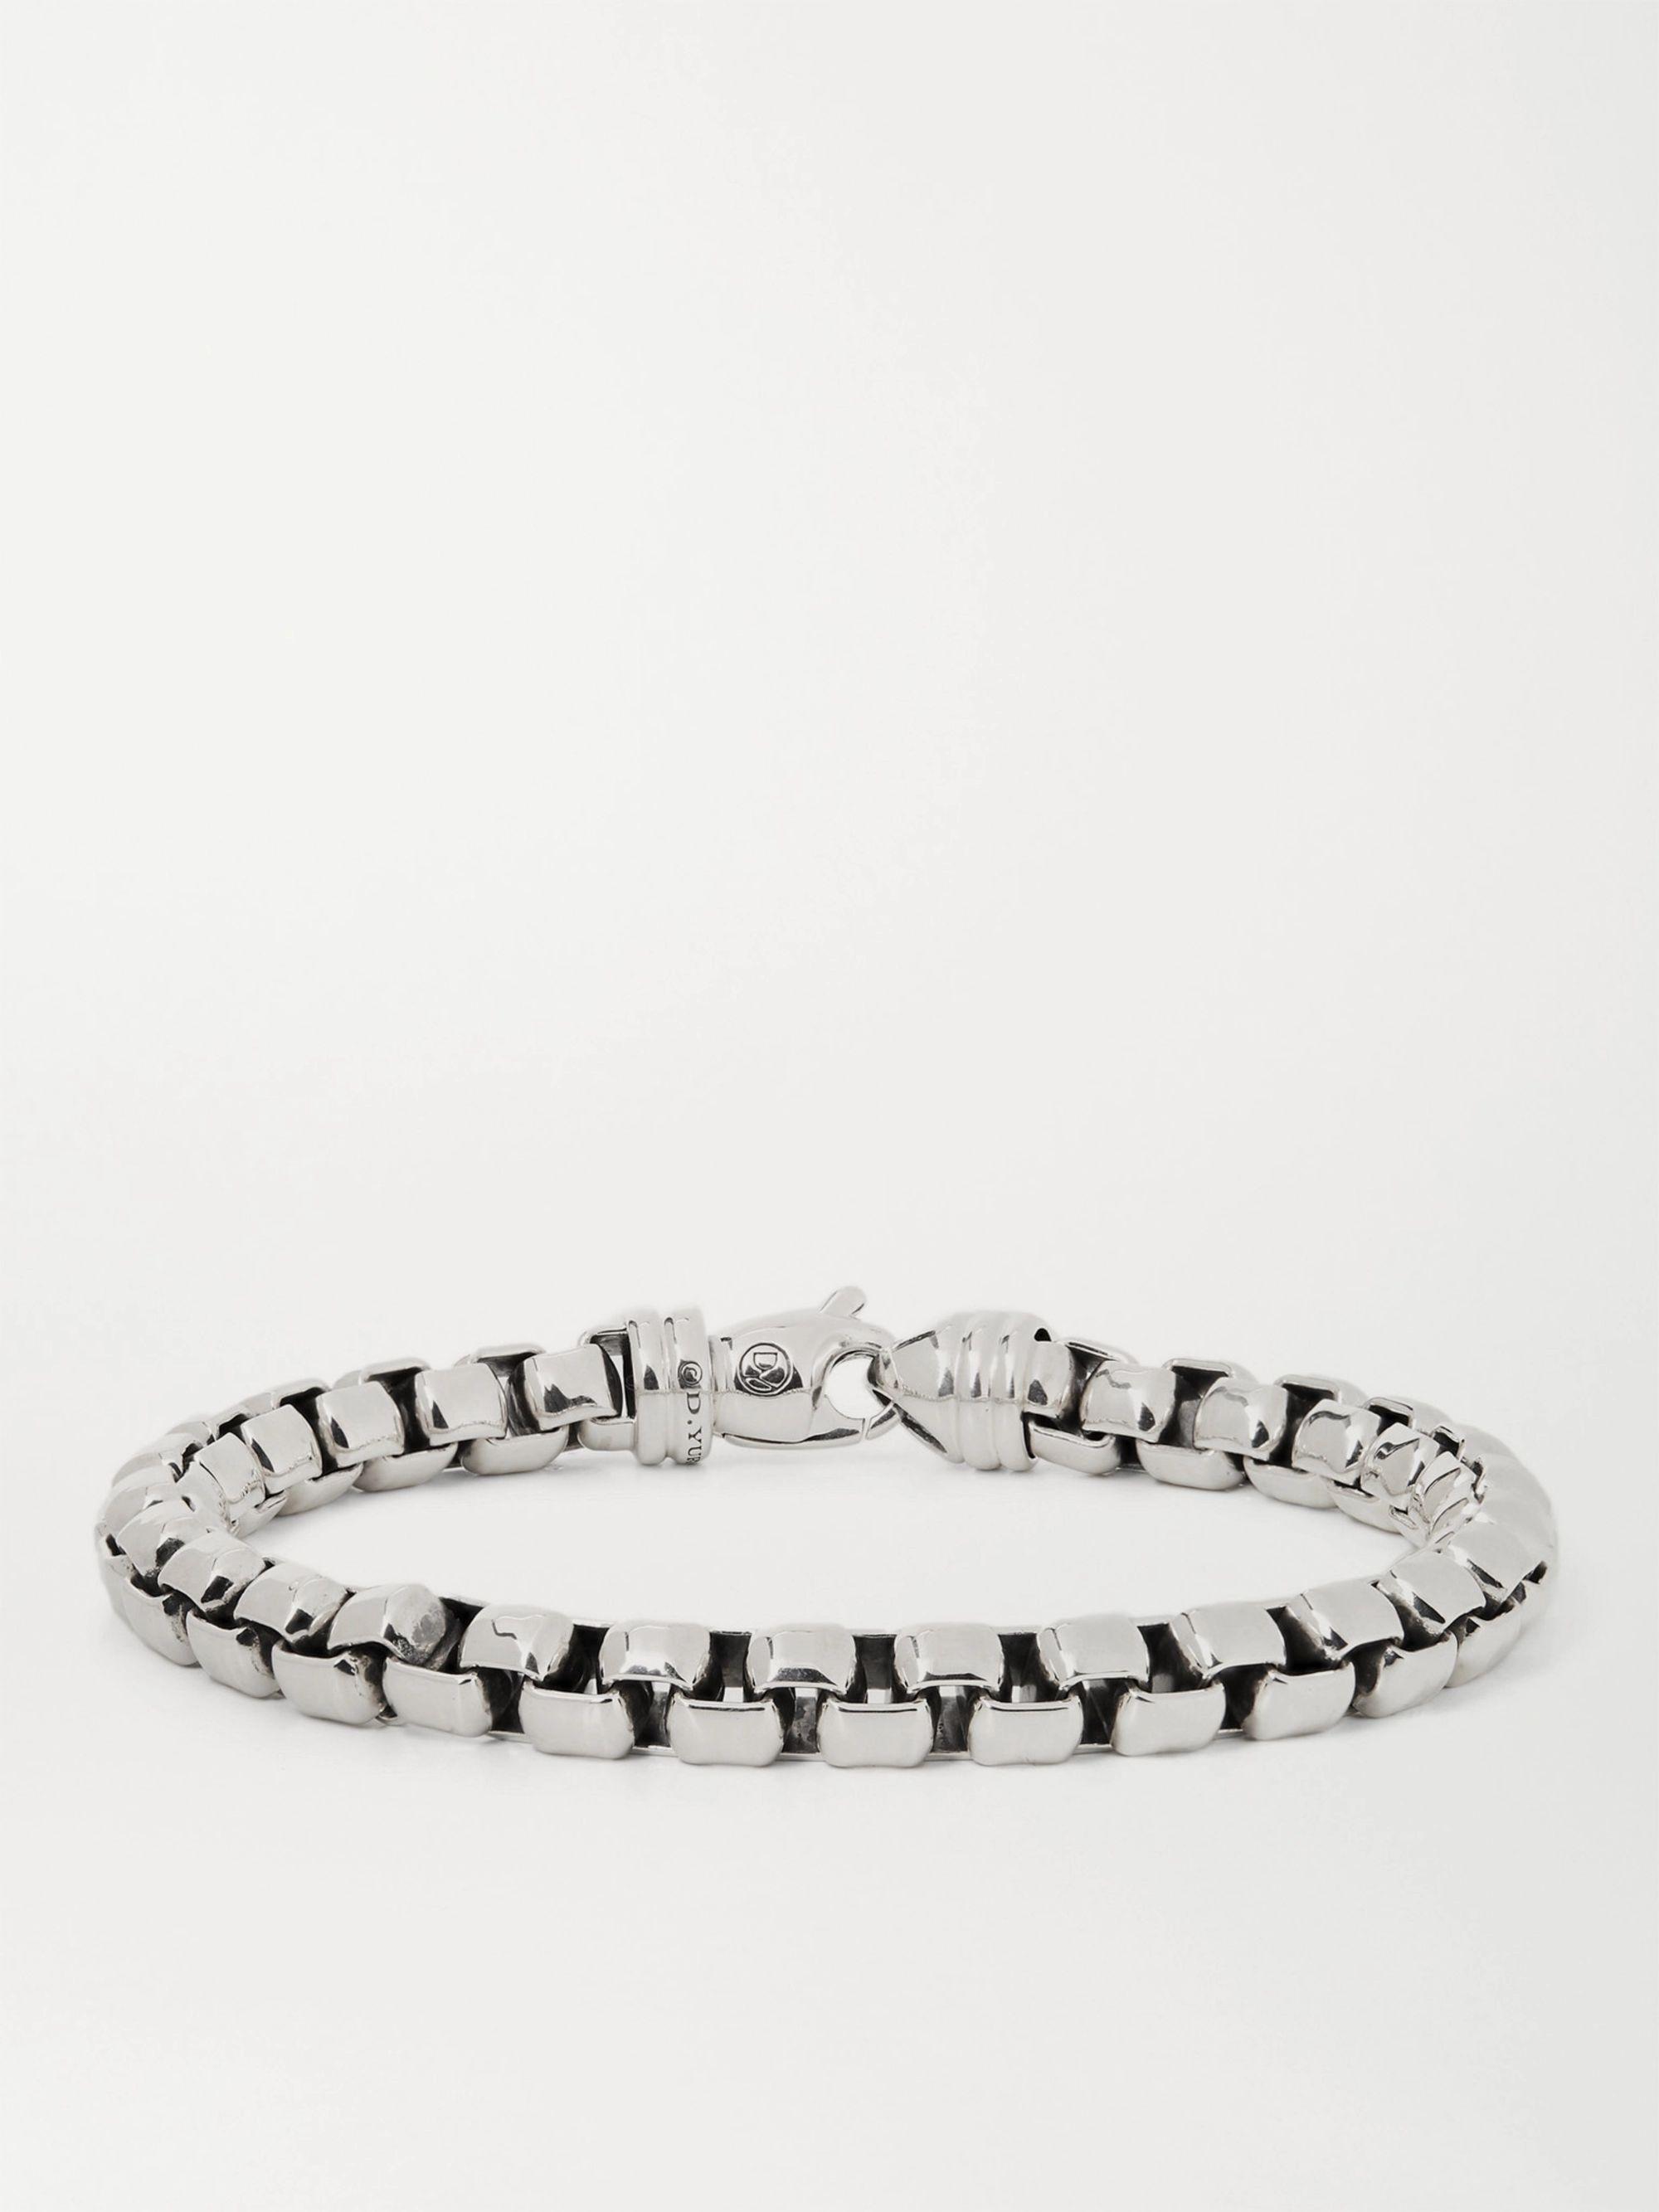 데이비드 율만 팔찌 DAVID YURMAN Sterling Silver Chain Bracelet